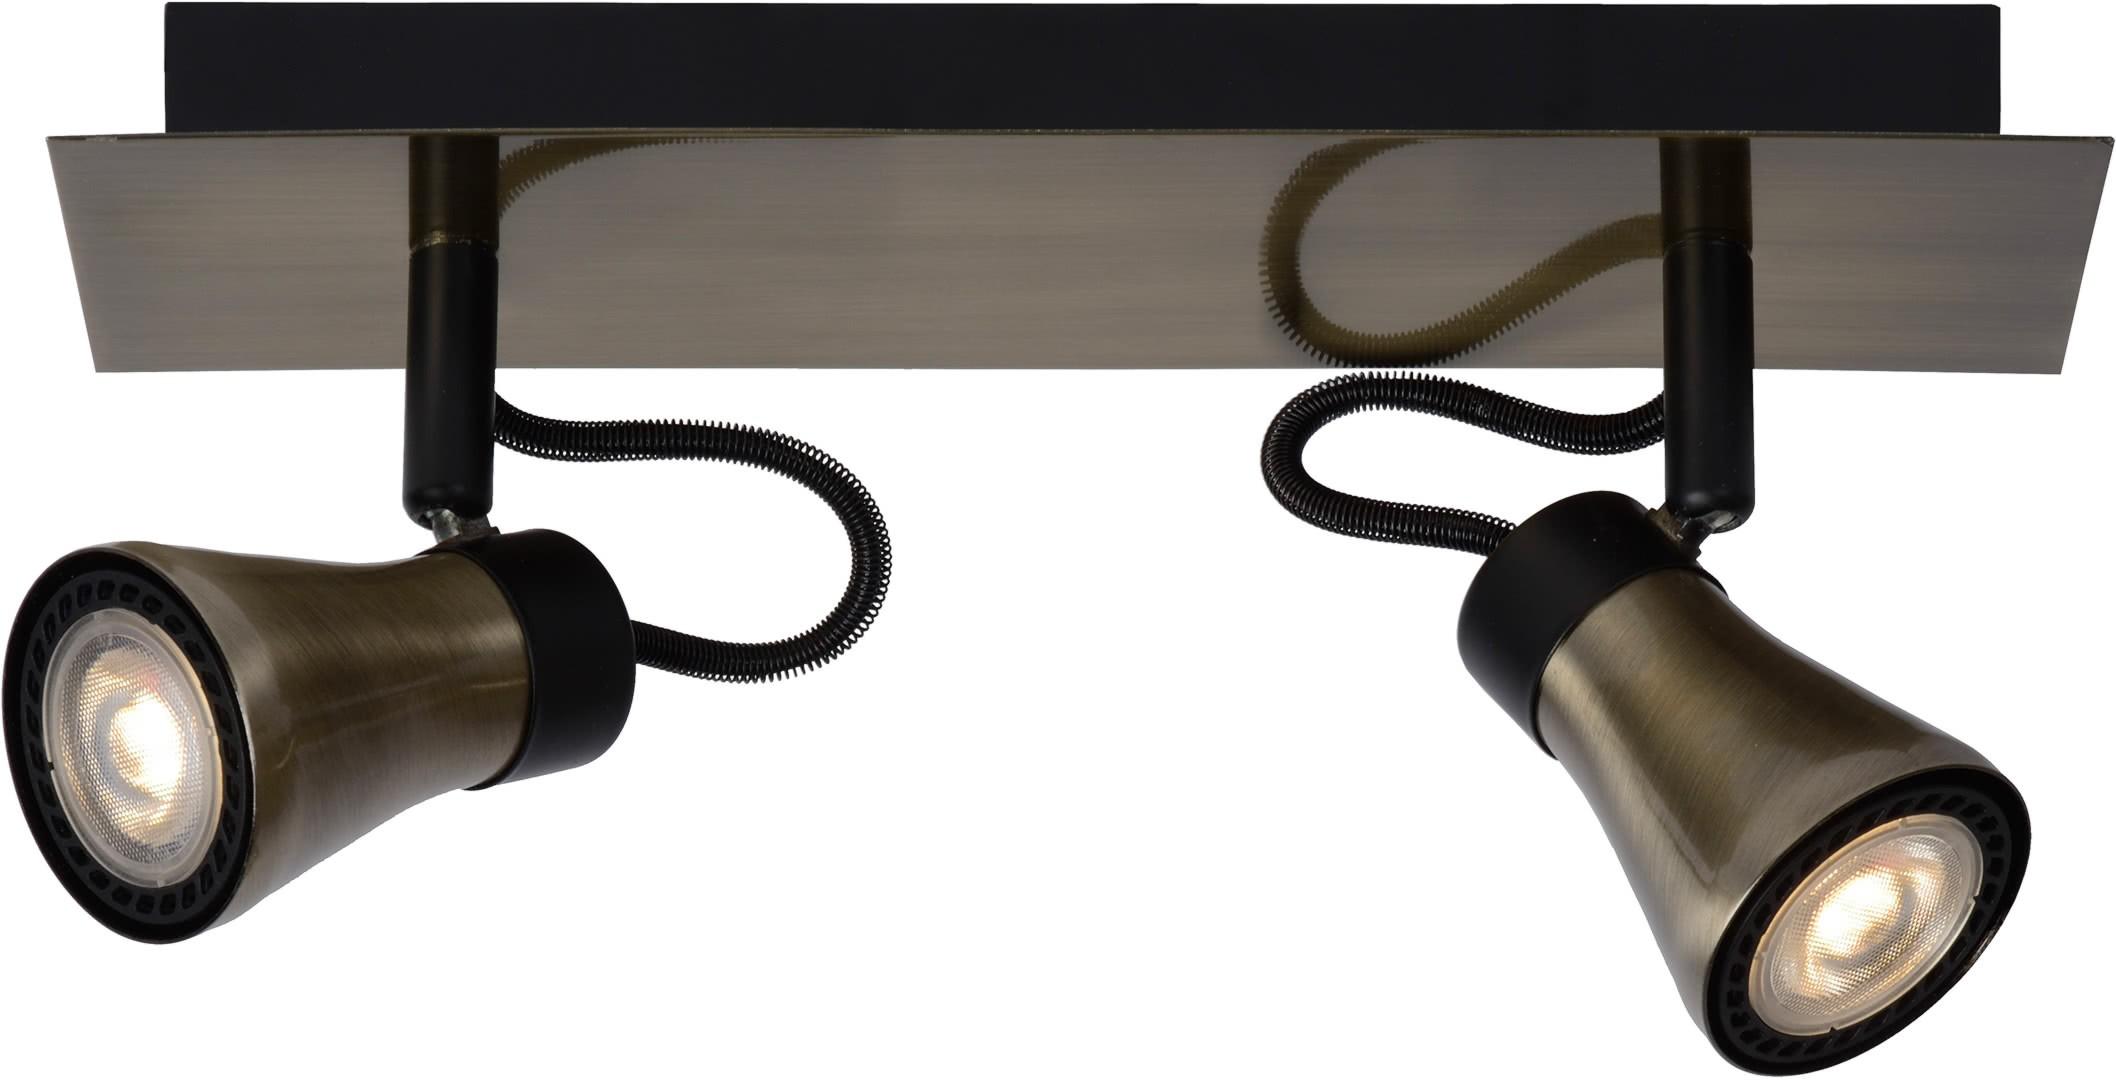 plafonnier design led 2 spots effet bronze bloom. Black Bedroom Furniture Sets. Home Design Ideas